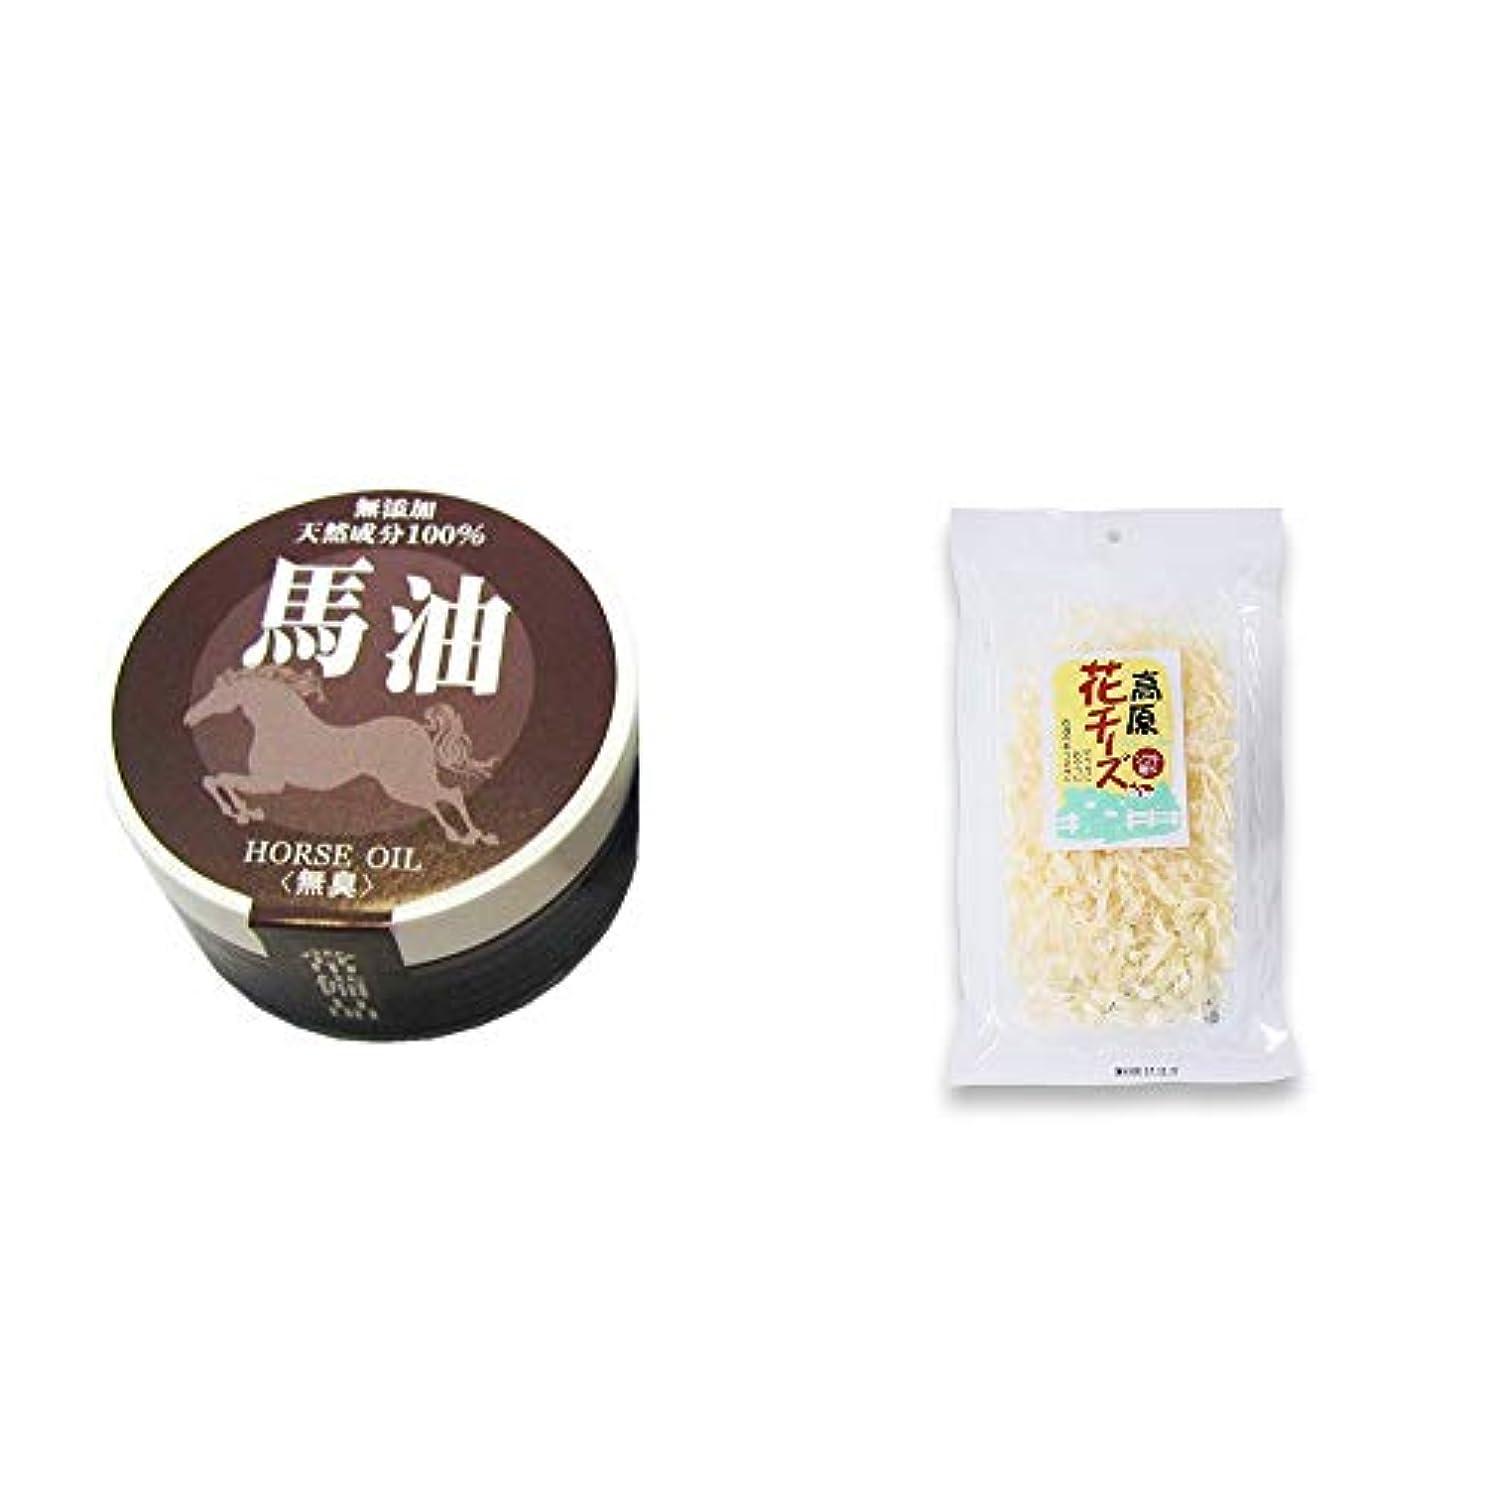 ライトニング翻訳最後の[2点セット] 無添加天然成分100% 馬油[無香料](38g)?高原の花チーズ(56g)